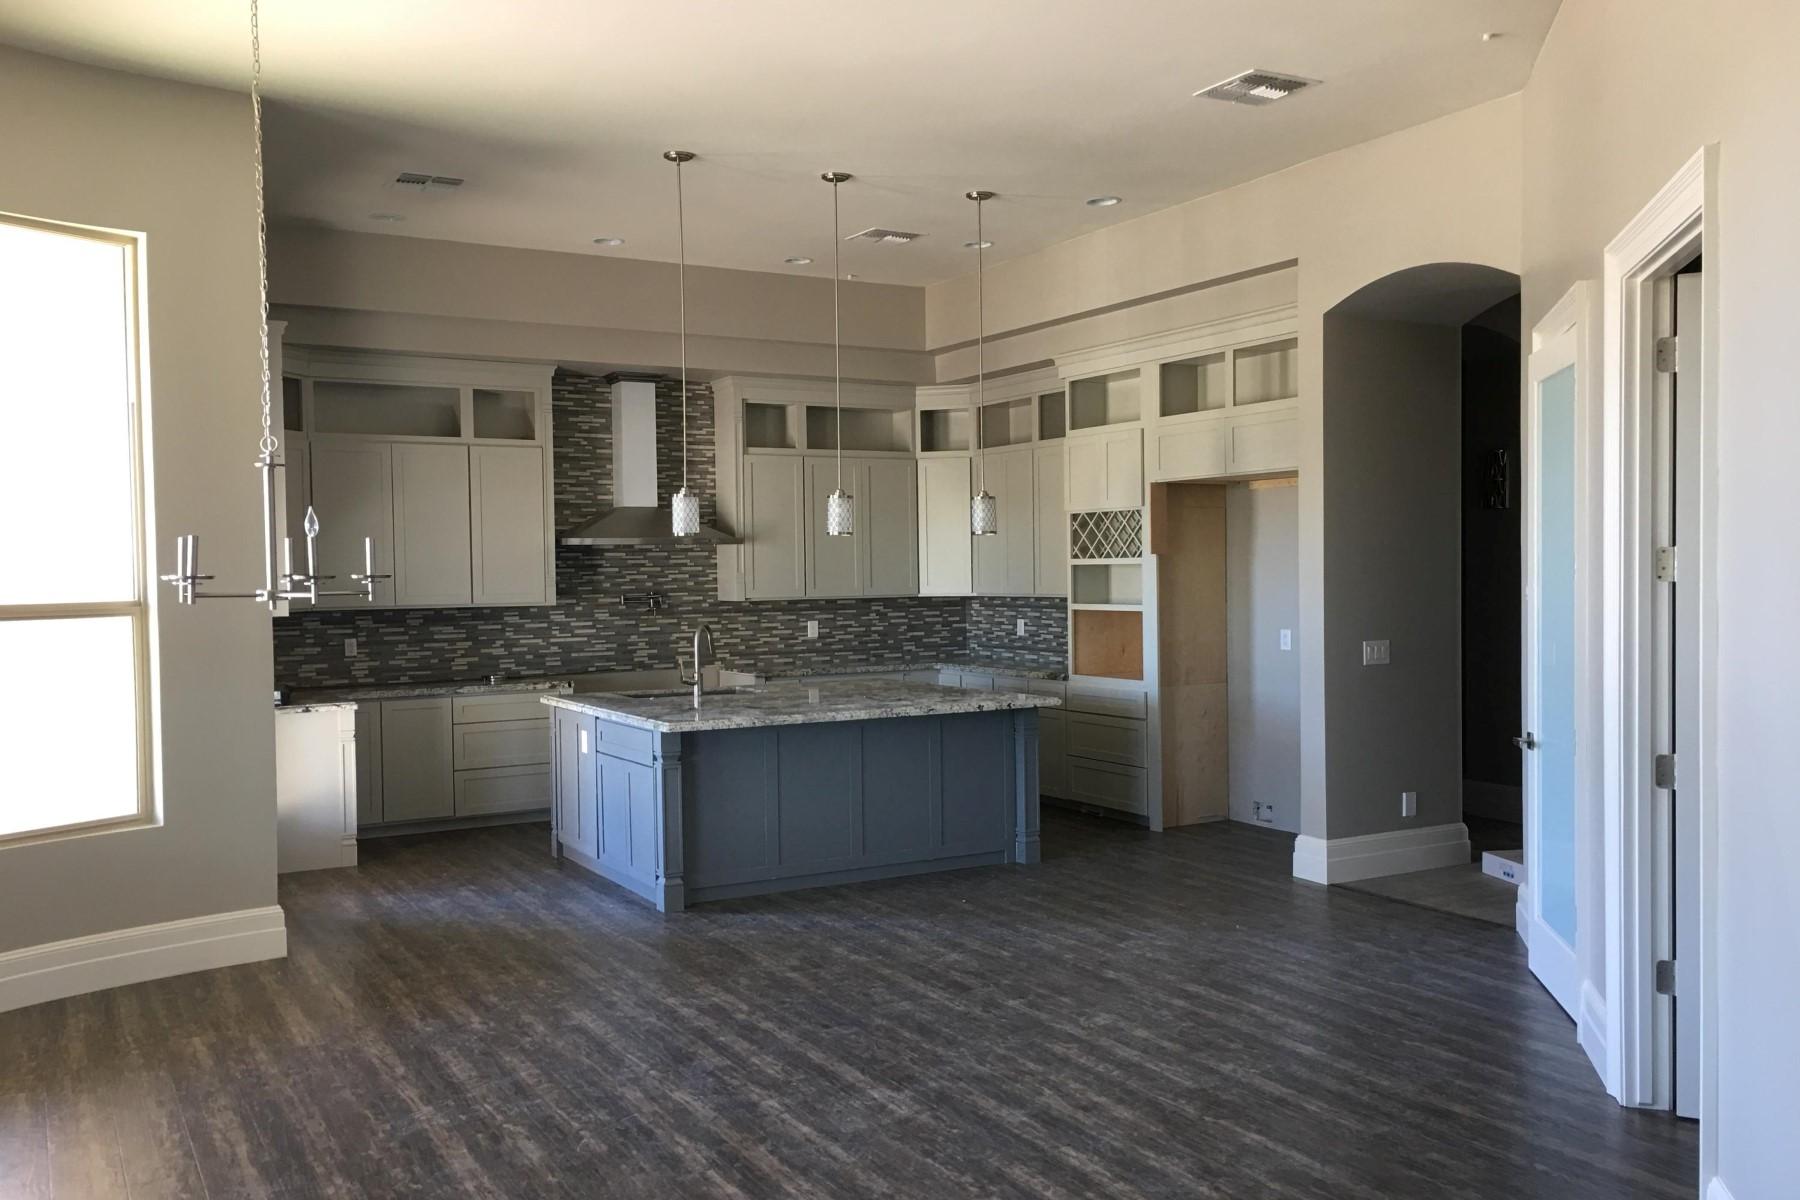 Tek Ailelik Ev için Satış at One of a kind 2017 custom private one story home 7125 E Davis Rd Scottsdale, Arizona, 85266 Amerika Birleşik Devletleri